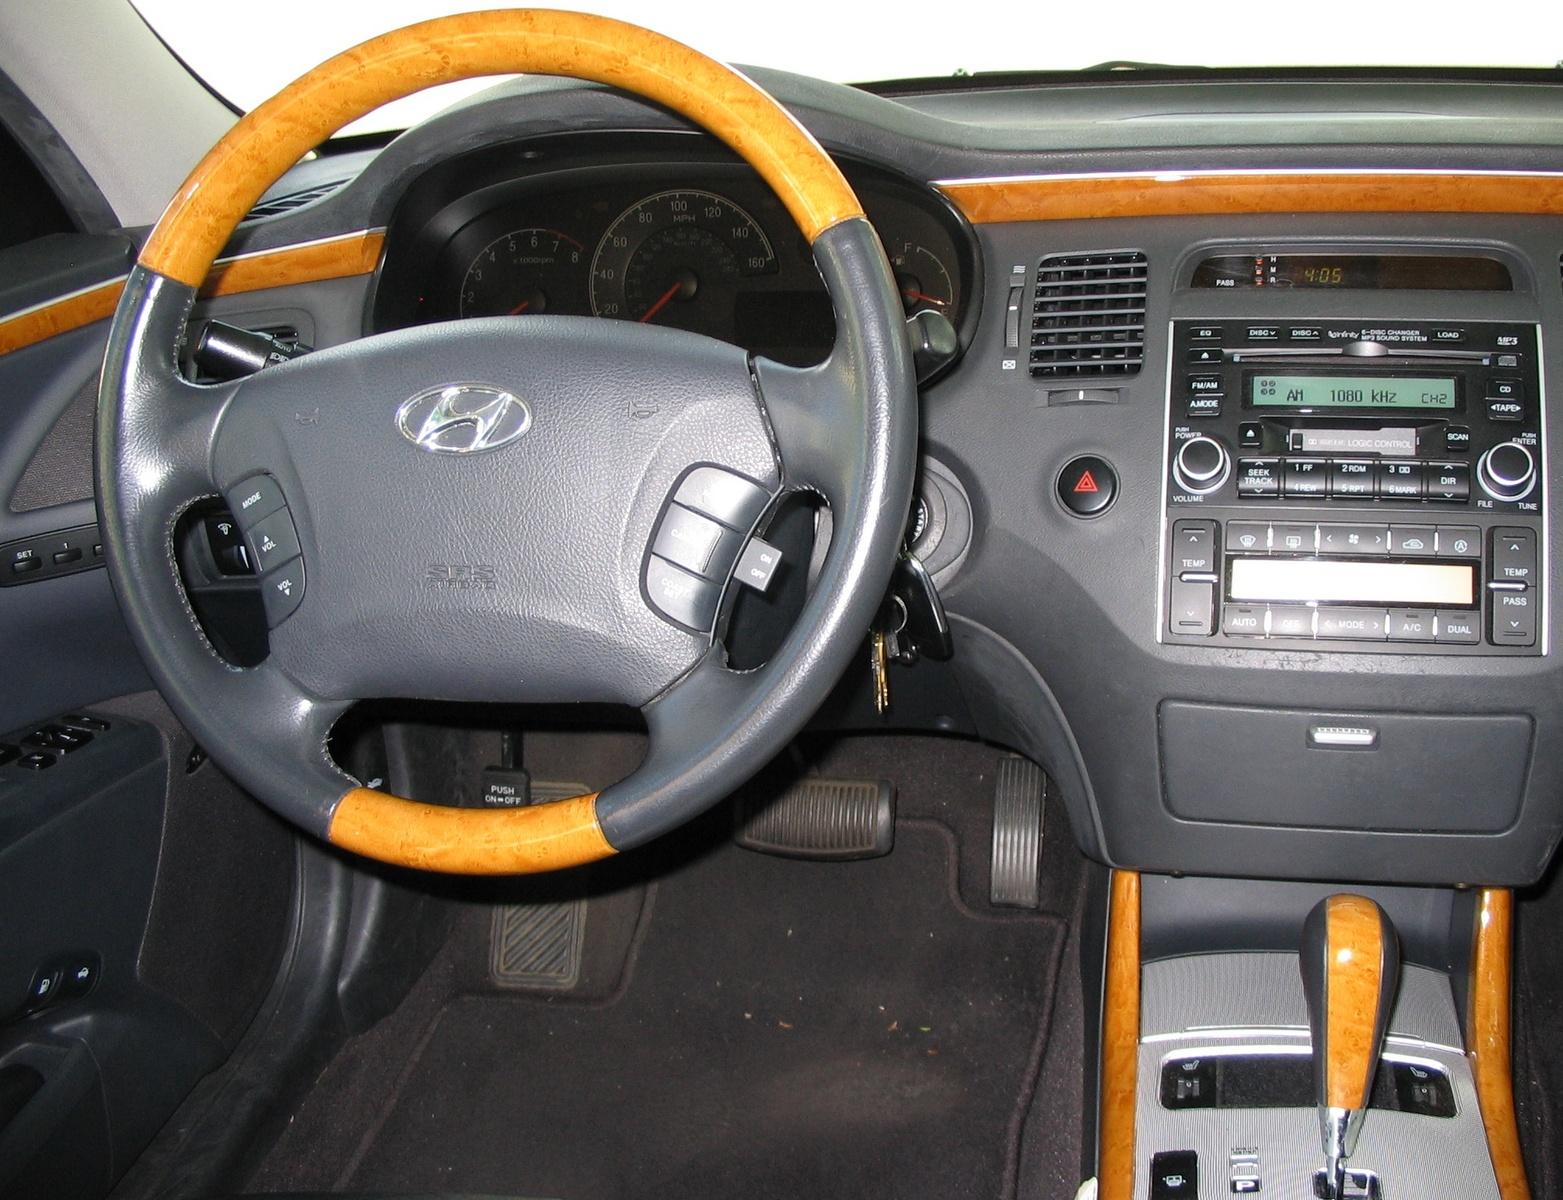 2006 Hyundai Azera Interior Pictures Cargurus